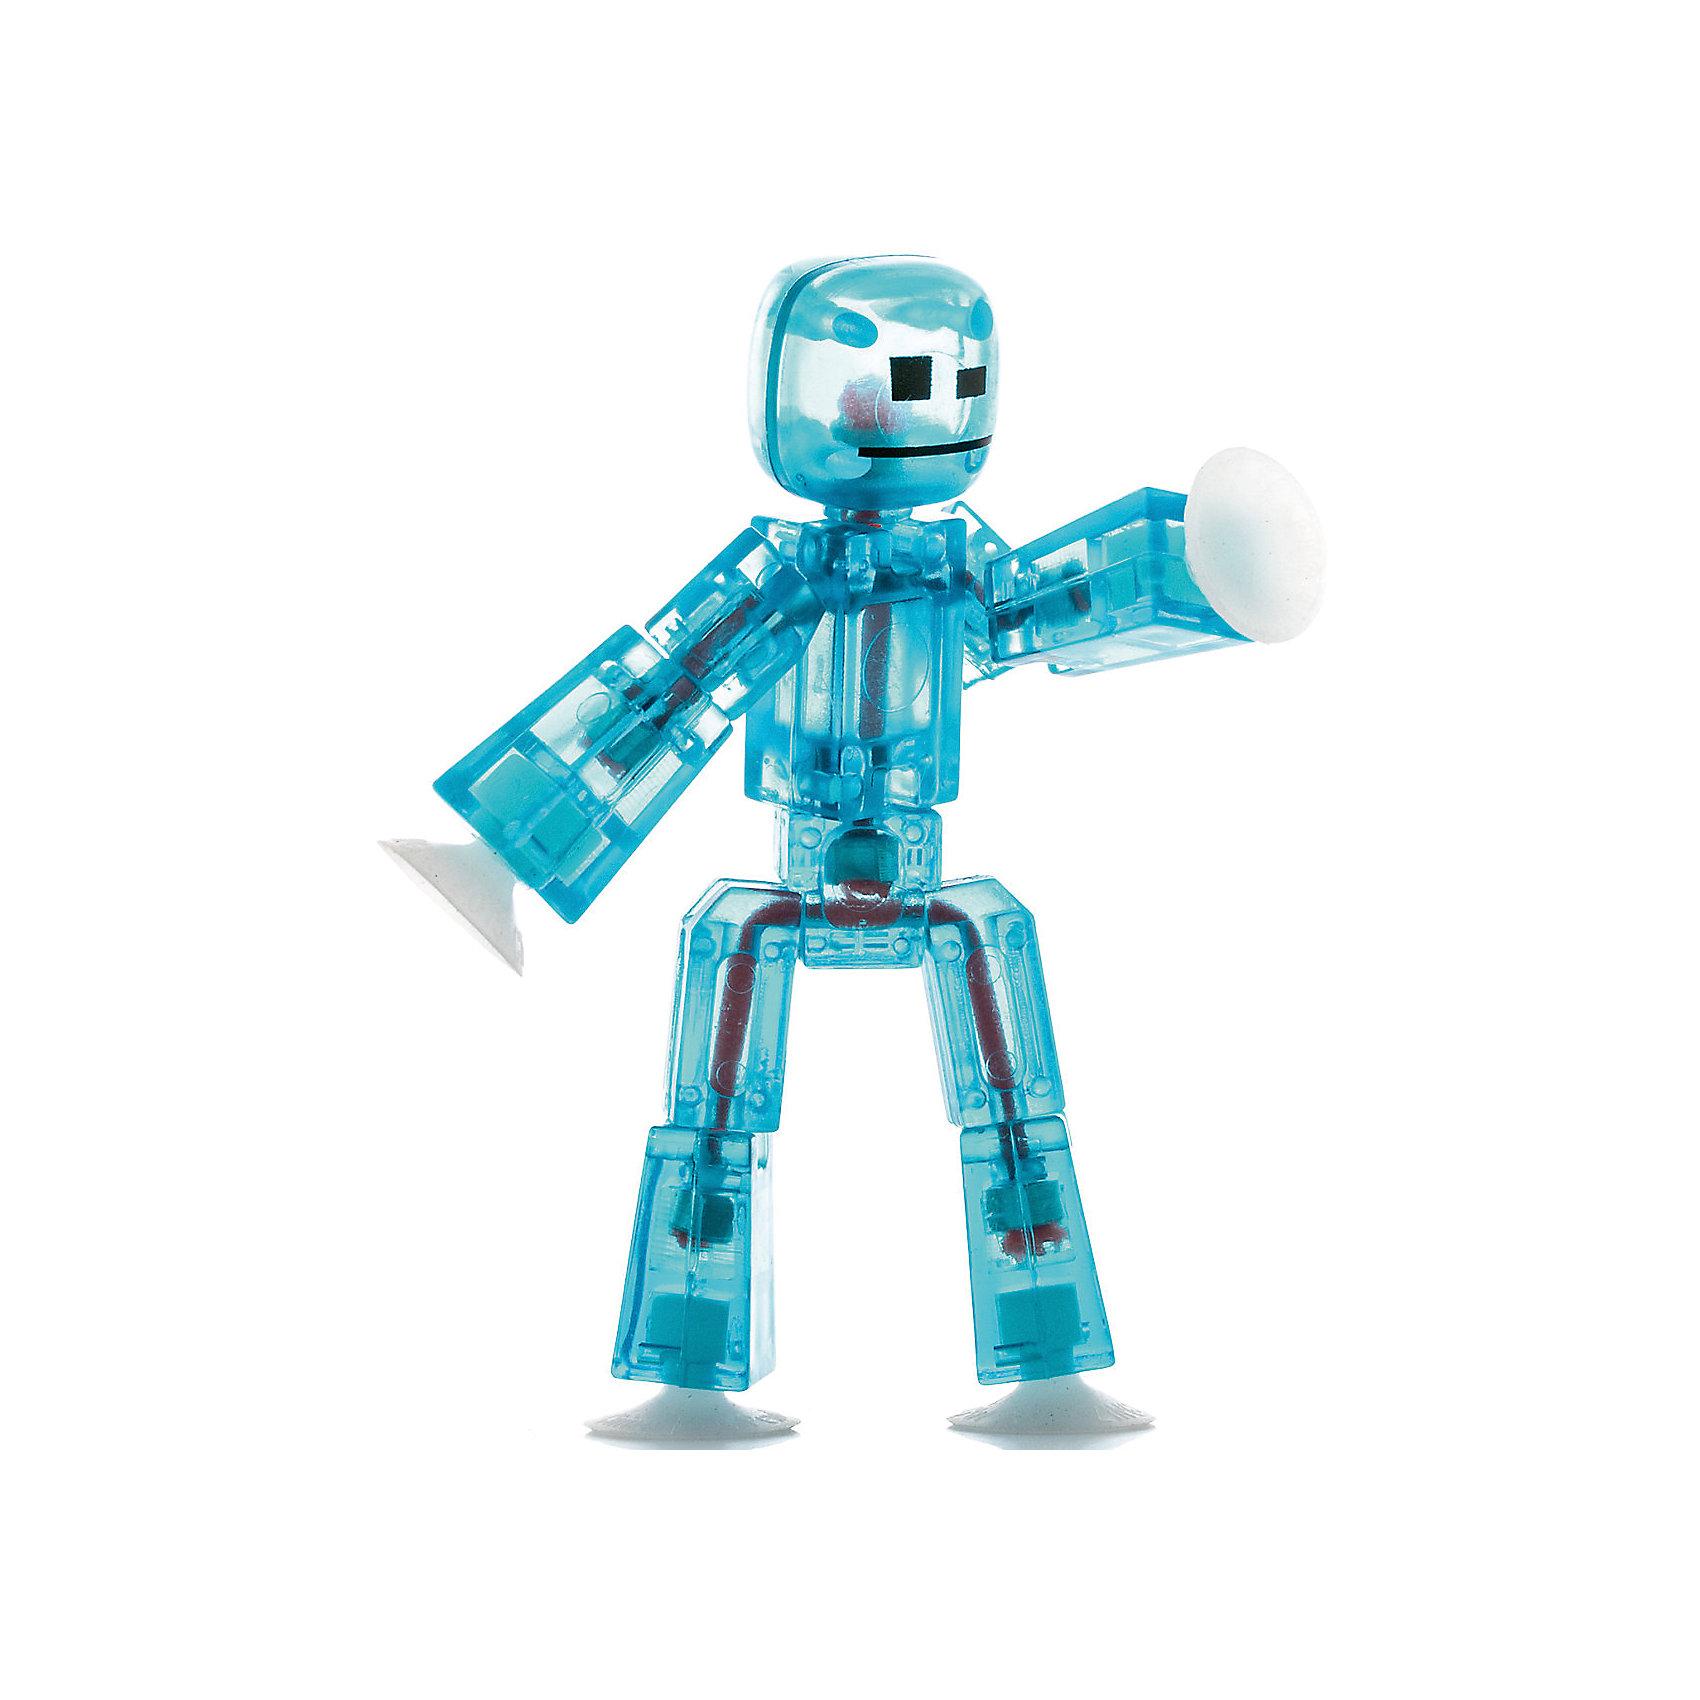 Игрушка-фигурка, синяя, StikbotХарактеристики товара:<br><br>- цвет: синий;<br>- материал: пластик, металл;<br>- комплектация: 1 фигурка;<br>- особенности: для съемки роликов;<br>- размер фигурки: 8 см;<br>- размер упаковки: 11х2х12 см;<br>- вес: 62 г.<br>-скачайте на Ваше устройство приложение на App Store и Google Play<br><br>Такое увлекательное занятие, как съемка роликов или мультфильфов, не оставит ребенка равнодушным! Для этого нужен набор Stikbot (или просто фигурки), смартфон и специальное приложение! Такие человечки помогут дополнить домашнюю студию и разнообразить сюжеты роликов. Они легко фиксируются в определенном положении, на них есть специальные присоски. Снимать ролики с такими героями - очень легко, поэтому они станут отличным подарком ребенку. Процесс съемки помогает ребенку развить логику, творческие способности ребенка, мышление, внимание, воображение и мелкую моторику.<br>Изделие произведено из высококачественного материала, безопасного для детей.<br><br>Игрушку-фигурку, синюю, от бренда Stikbot можно купить в нашем интернет-магазине.<br><br>Ширина мм: 30<br>Глубина мм: 140<br>Высота мм: 110<br>Вес г: 63<br>Возраст от месяцев: 36<br>Возраст до месяцев: 2147483647<br>Пол: Унисекс<br>Возраст: Детский<br>SKU: 5094048